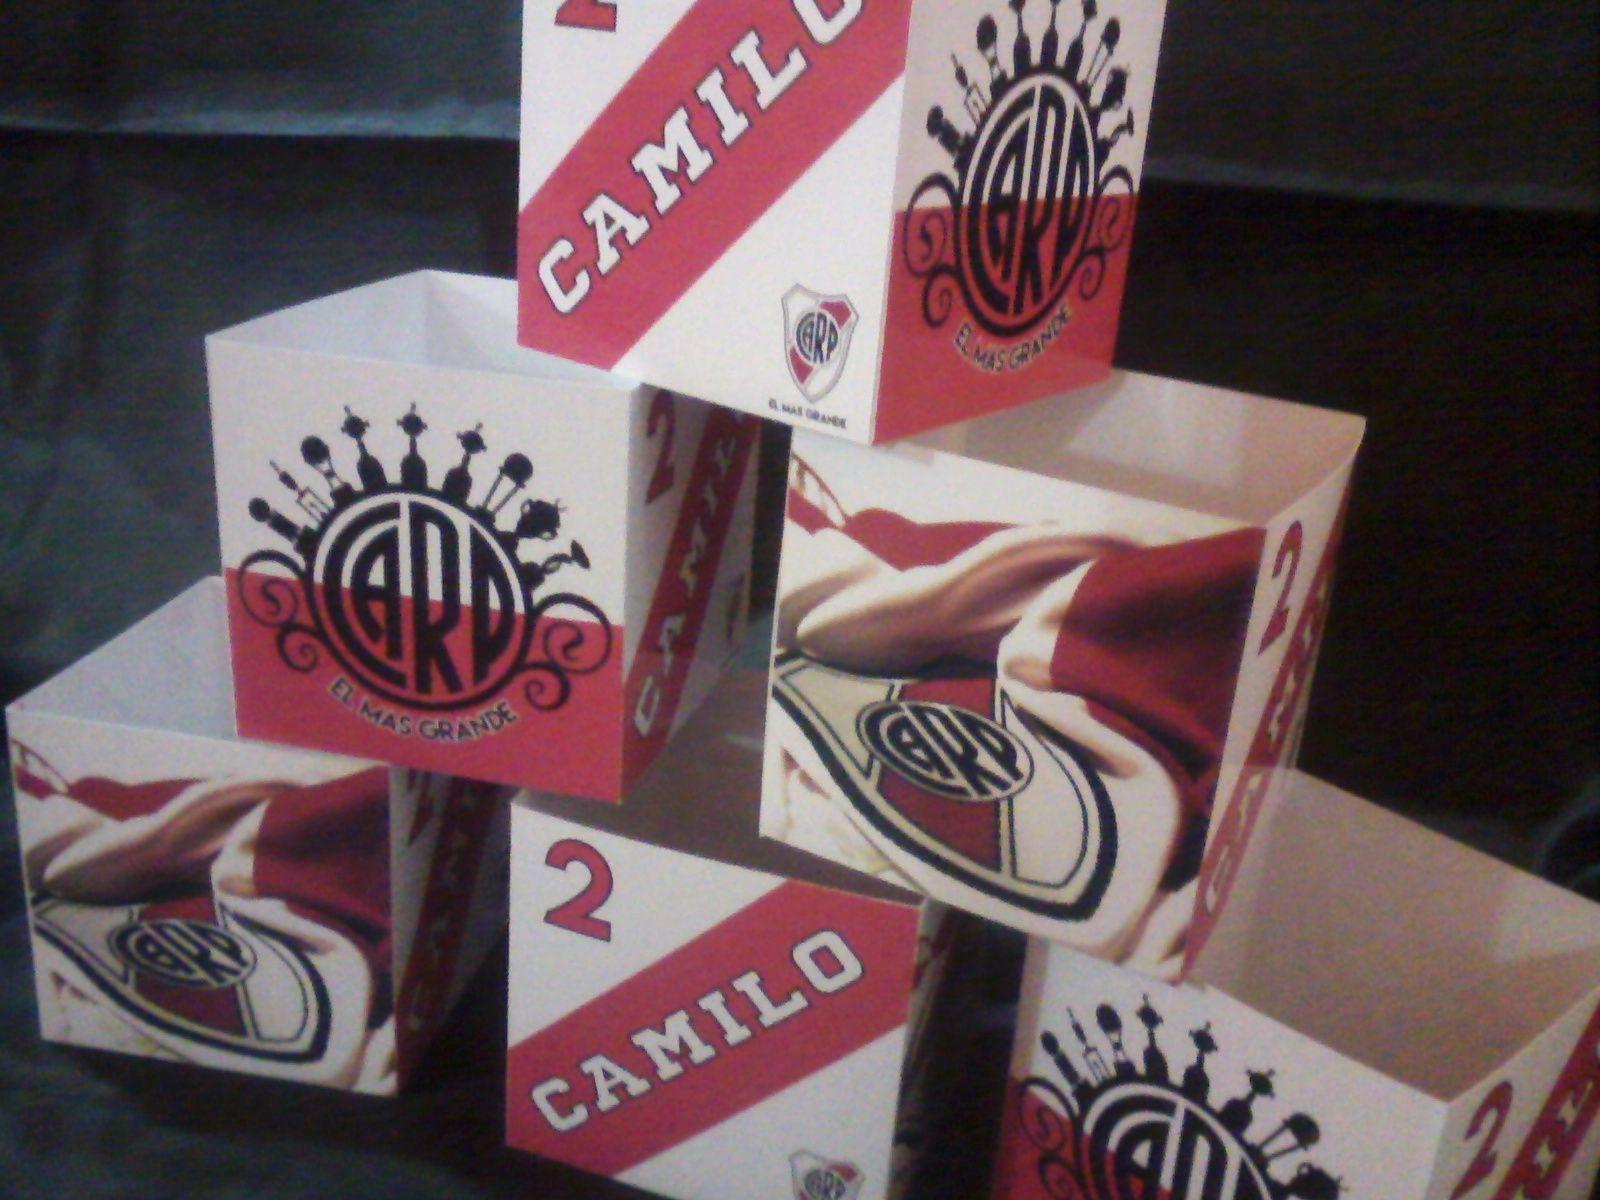 4566fdad4 Cajitas River Plate... | mis trabajos | A&w root beer, Root Beer y ...